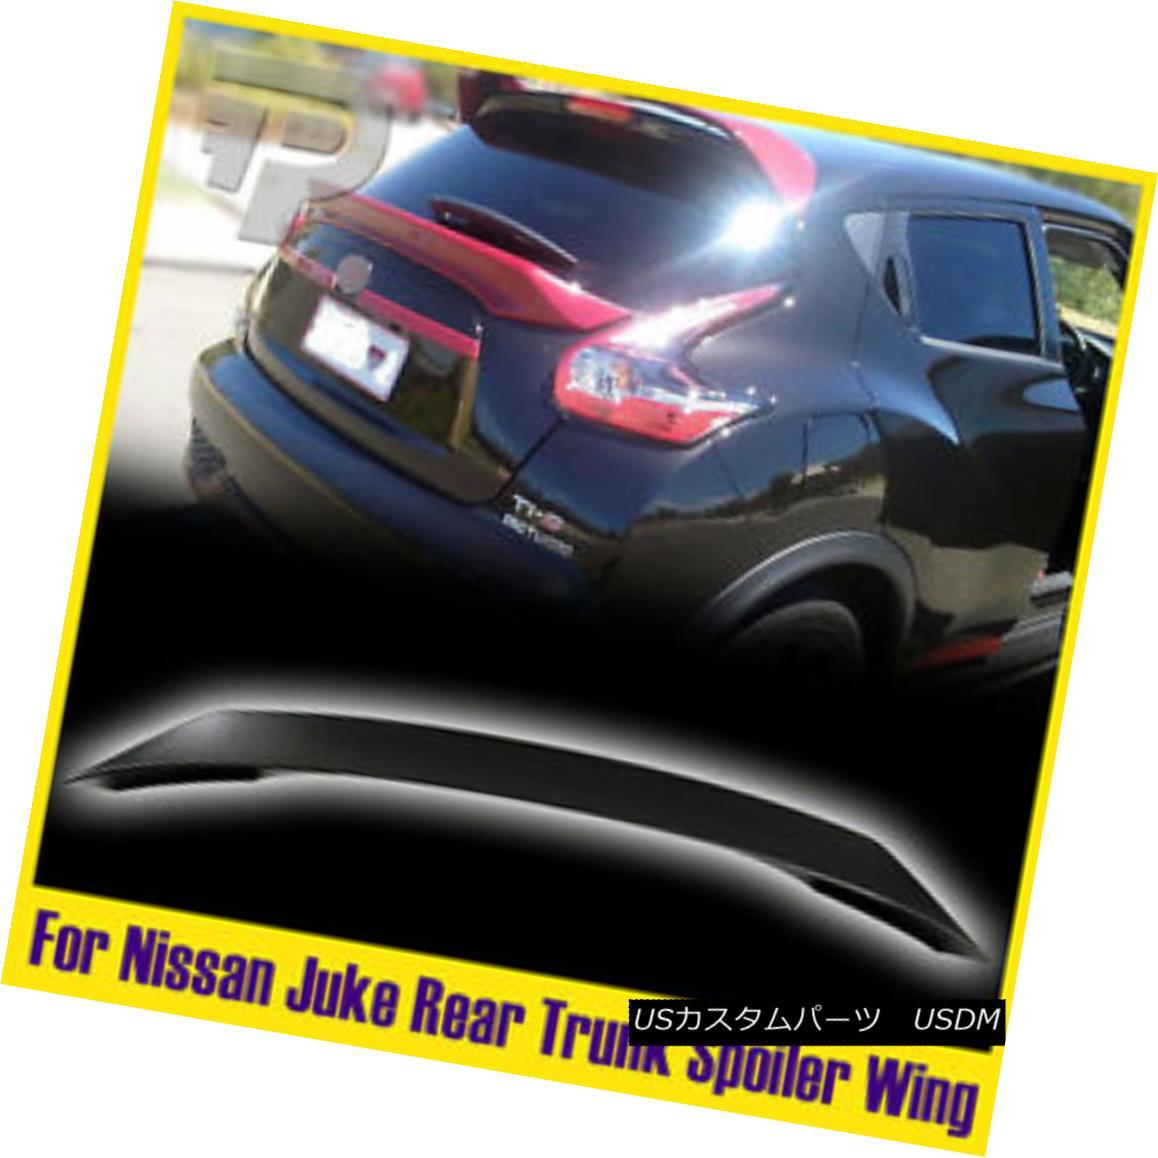 エアロパーツ UNpainted For Nissan Juke F15 Hatchback SUV Rear Trunk Spoiler 2012-2016 SV SL 未塗装の日産ジュークF15ハッチバックSUVリアトランク・スポイラー2012-2016 SV SL